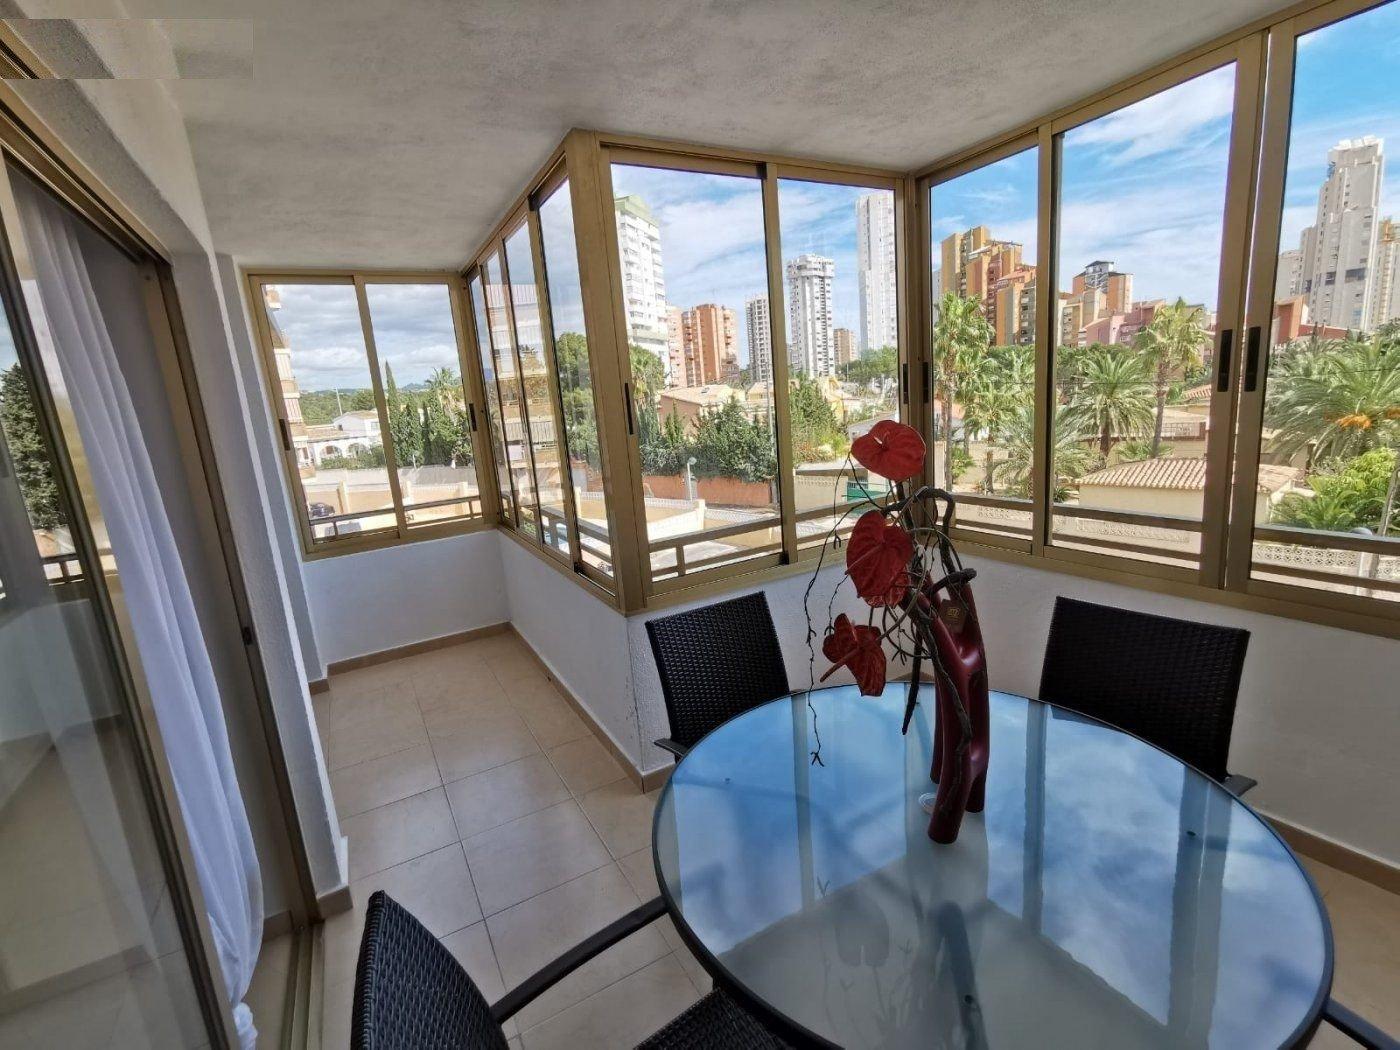 Alquiler Piso  Finestrat ,cala finestrat. Se alquila para todo el año piso de 1 dormitorio en finestrat -